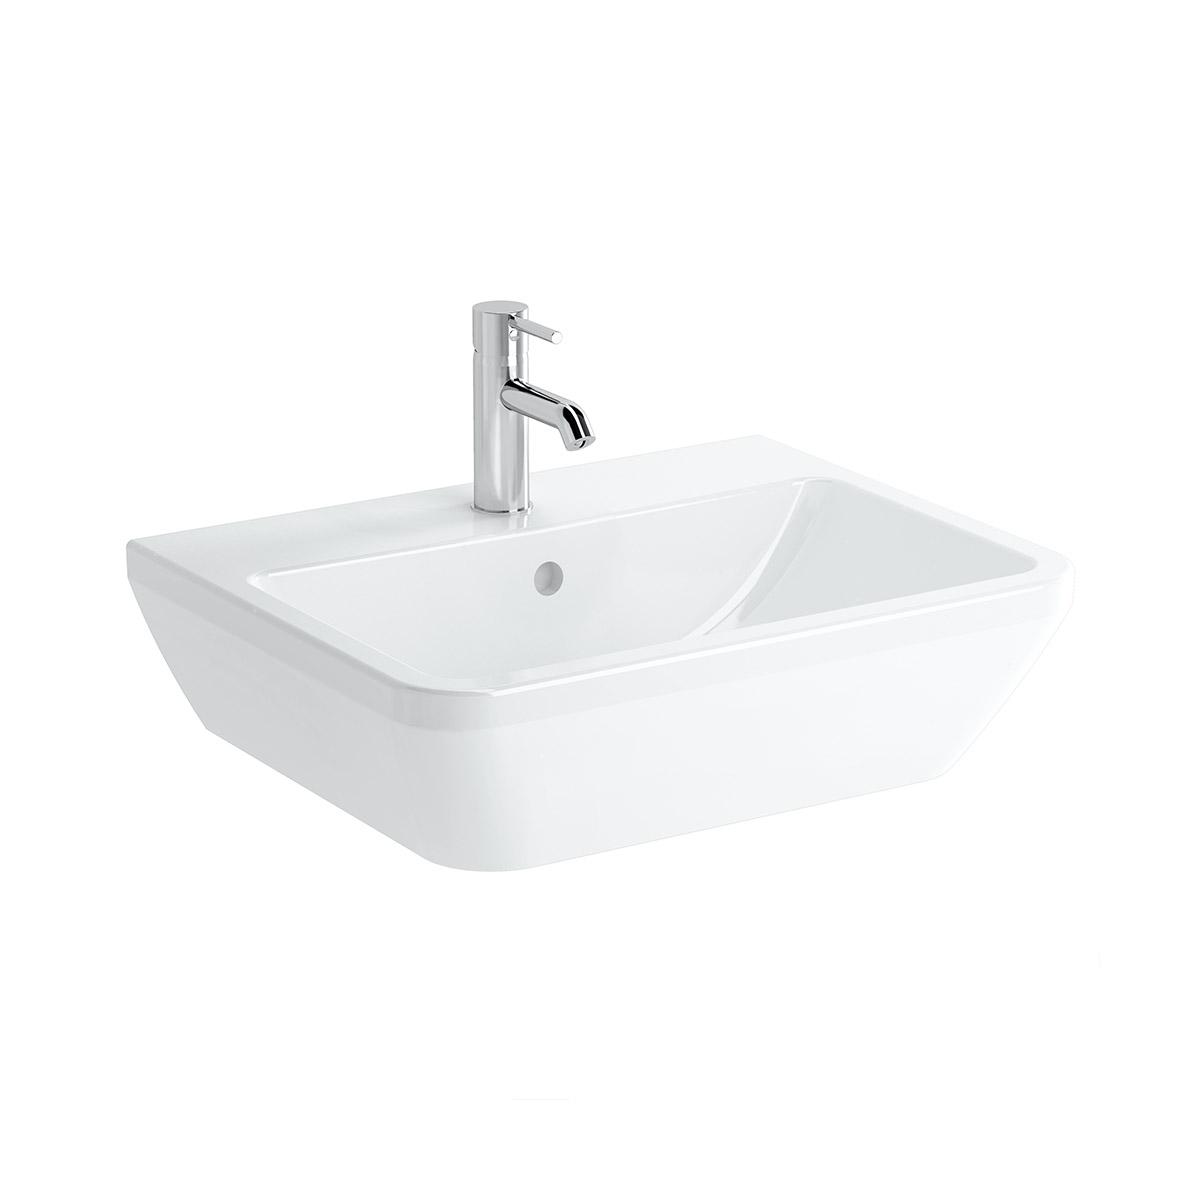 Integra Waschtisch, 60 cm, eckig, ohne Hahnloch, mit Überlaufloch, Weiß, VitrA Clean